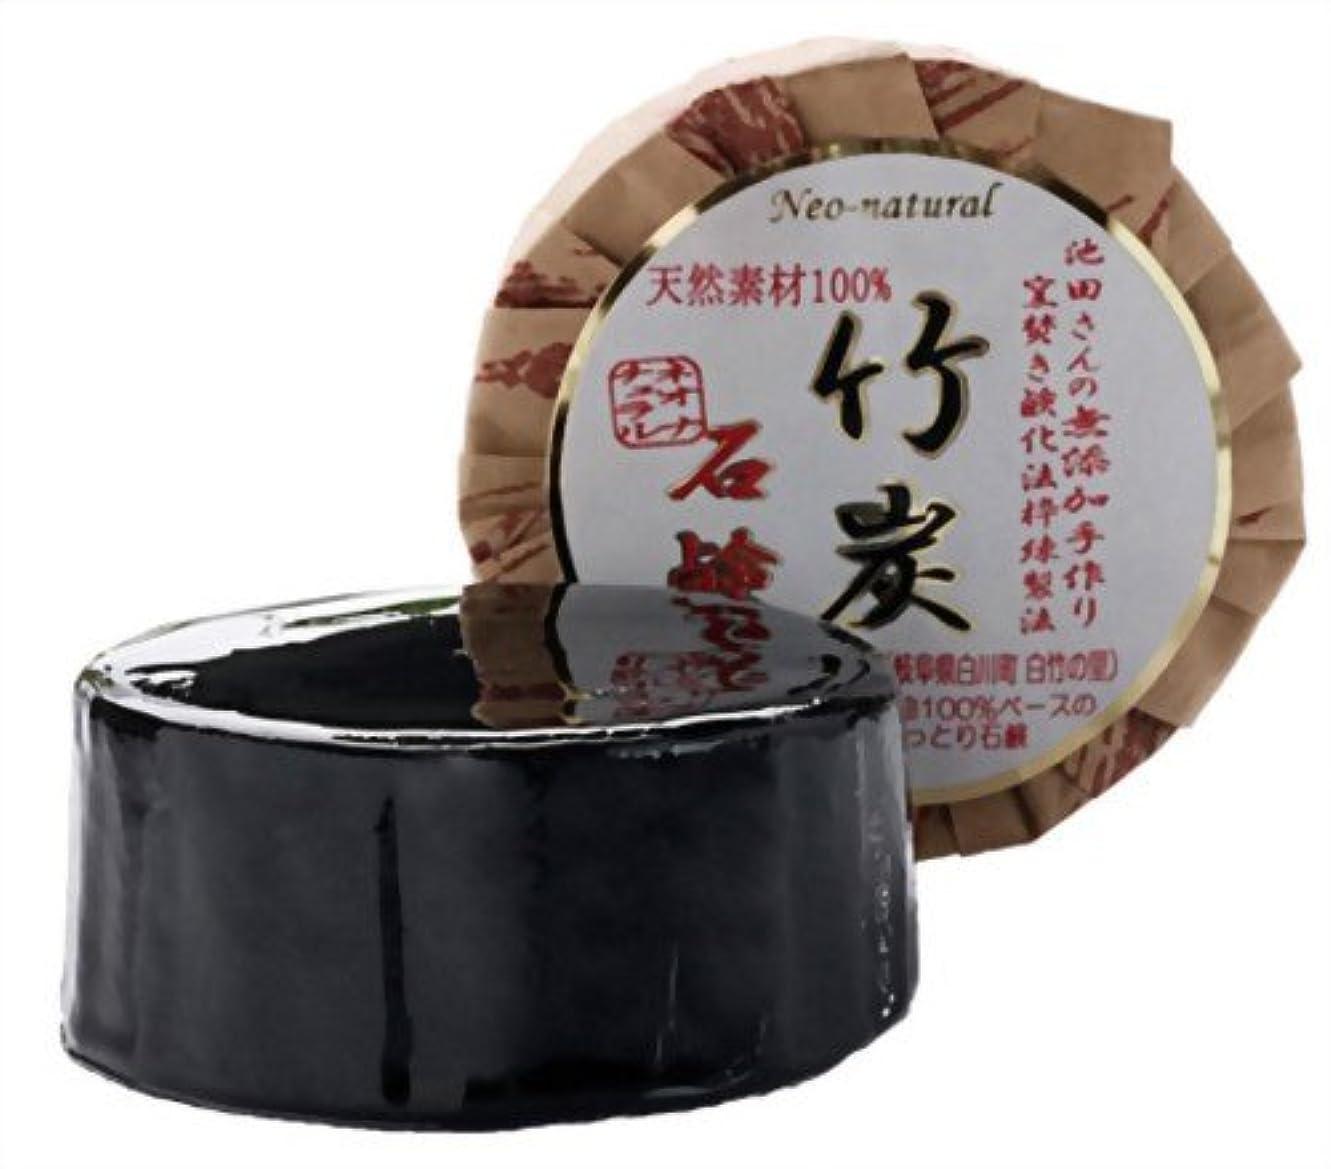 強盗しなやかチューリップネオナチュラル 池田さんの竹炭石鹸 105g